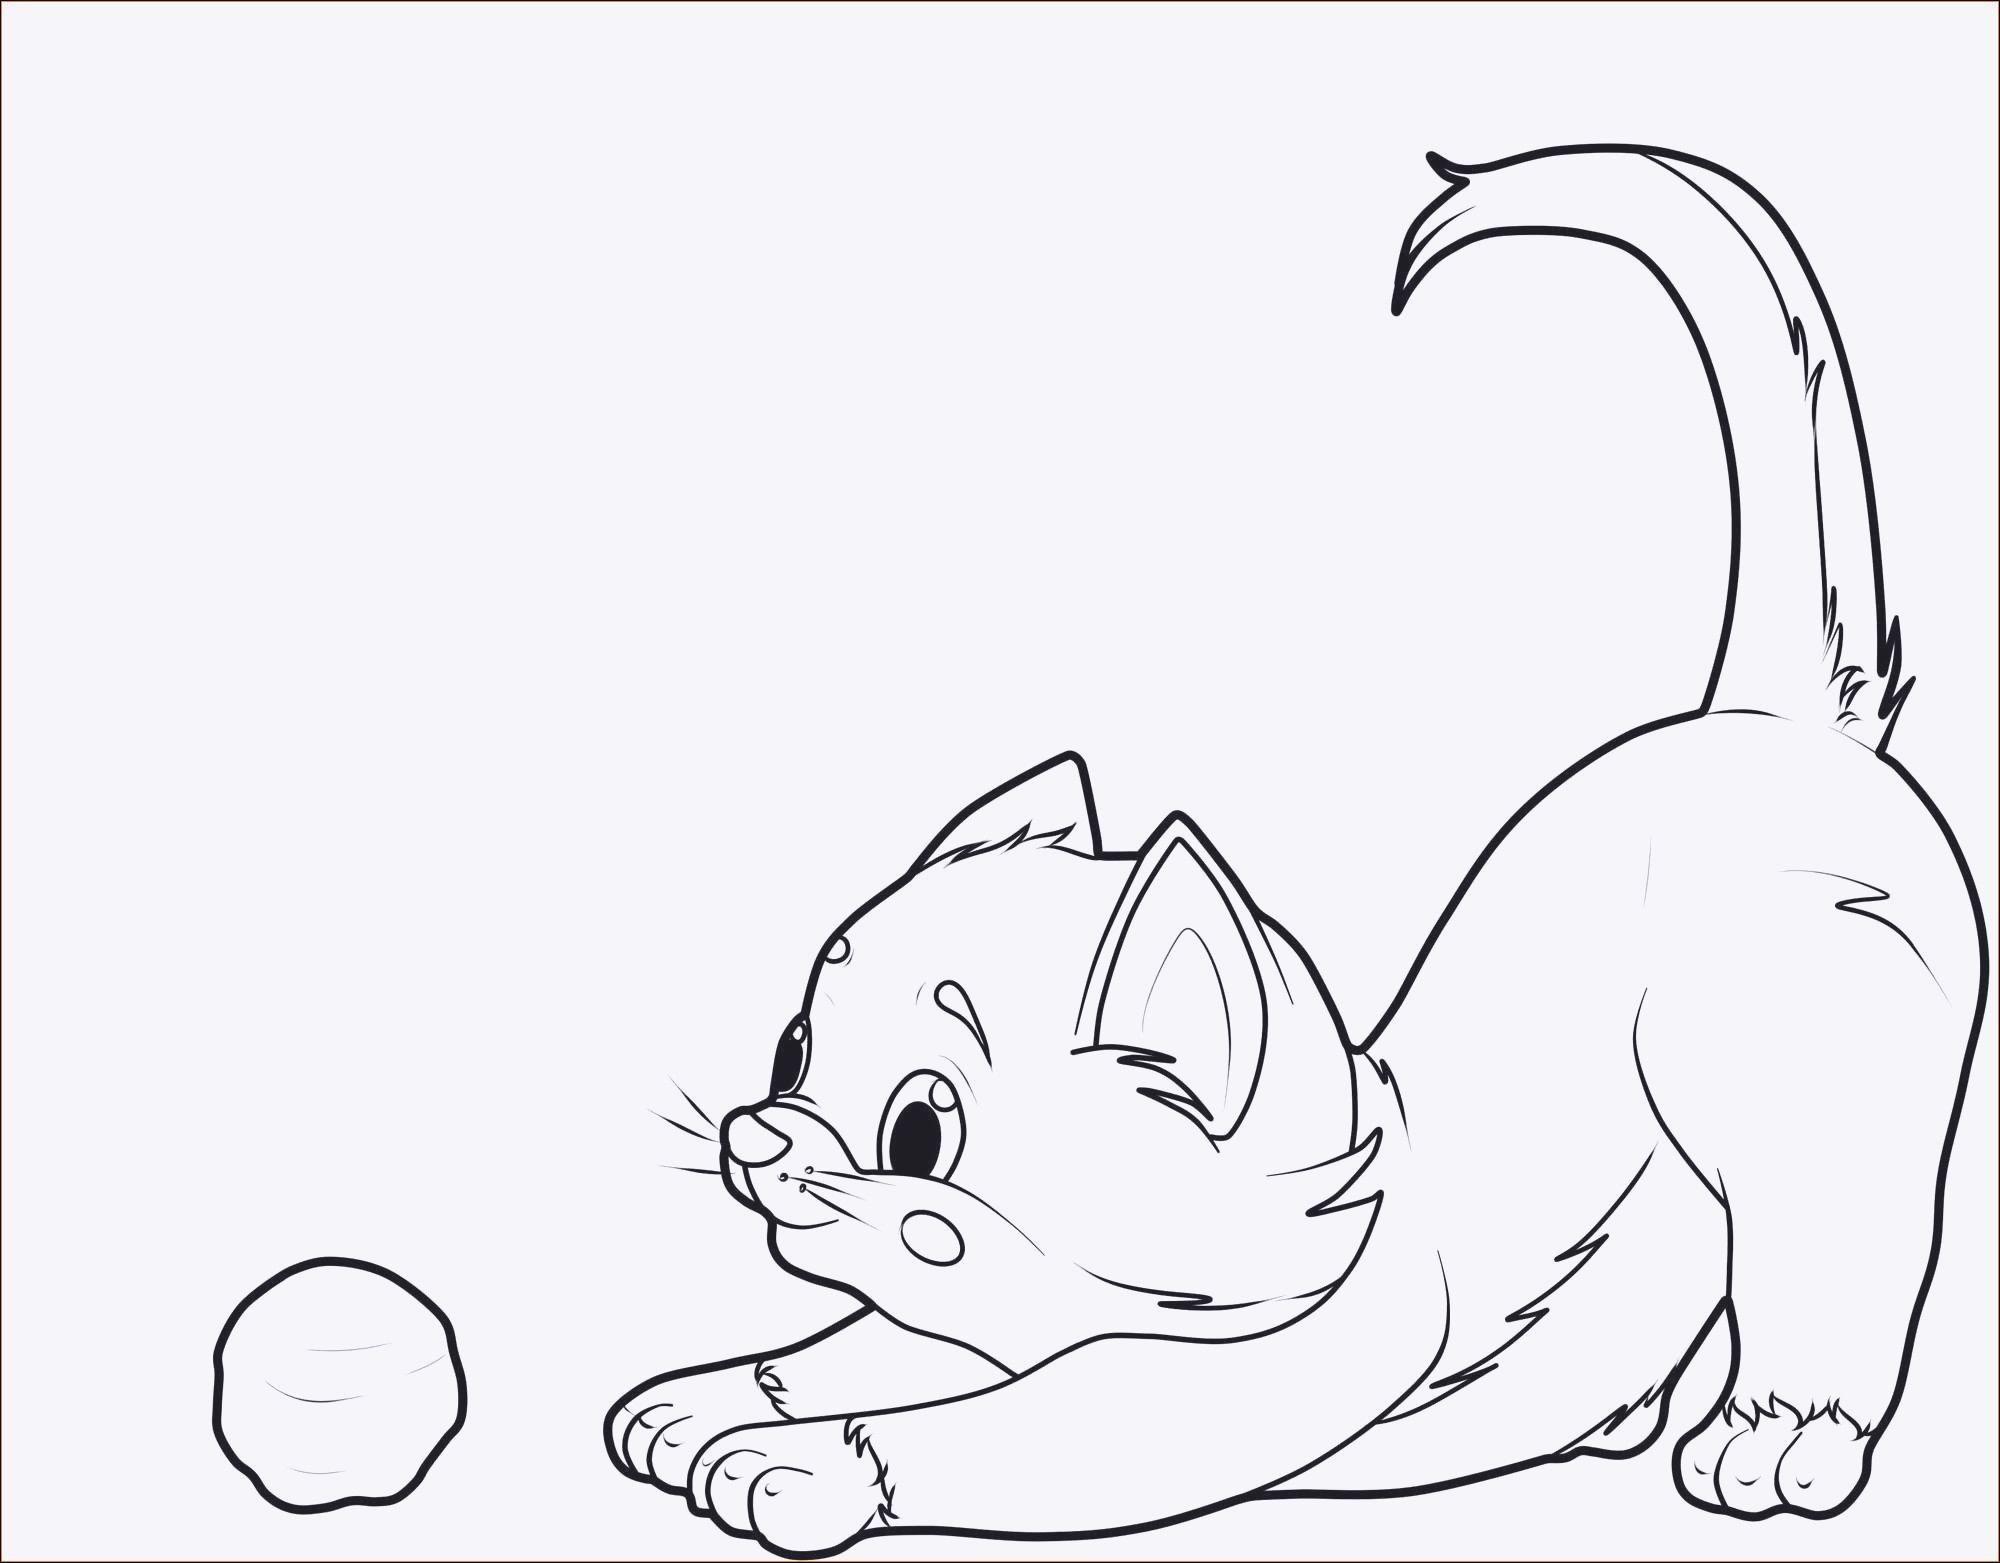 Die Besten Von Malvorlagen Zum Ausdrucken Ausmalbilder Katzen Kostenlose Malvorlagen Zum Ausd Cat Coloring Page Dog Coloring Page Art Kit